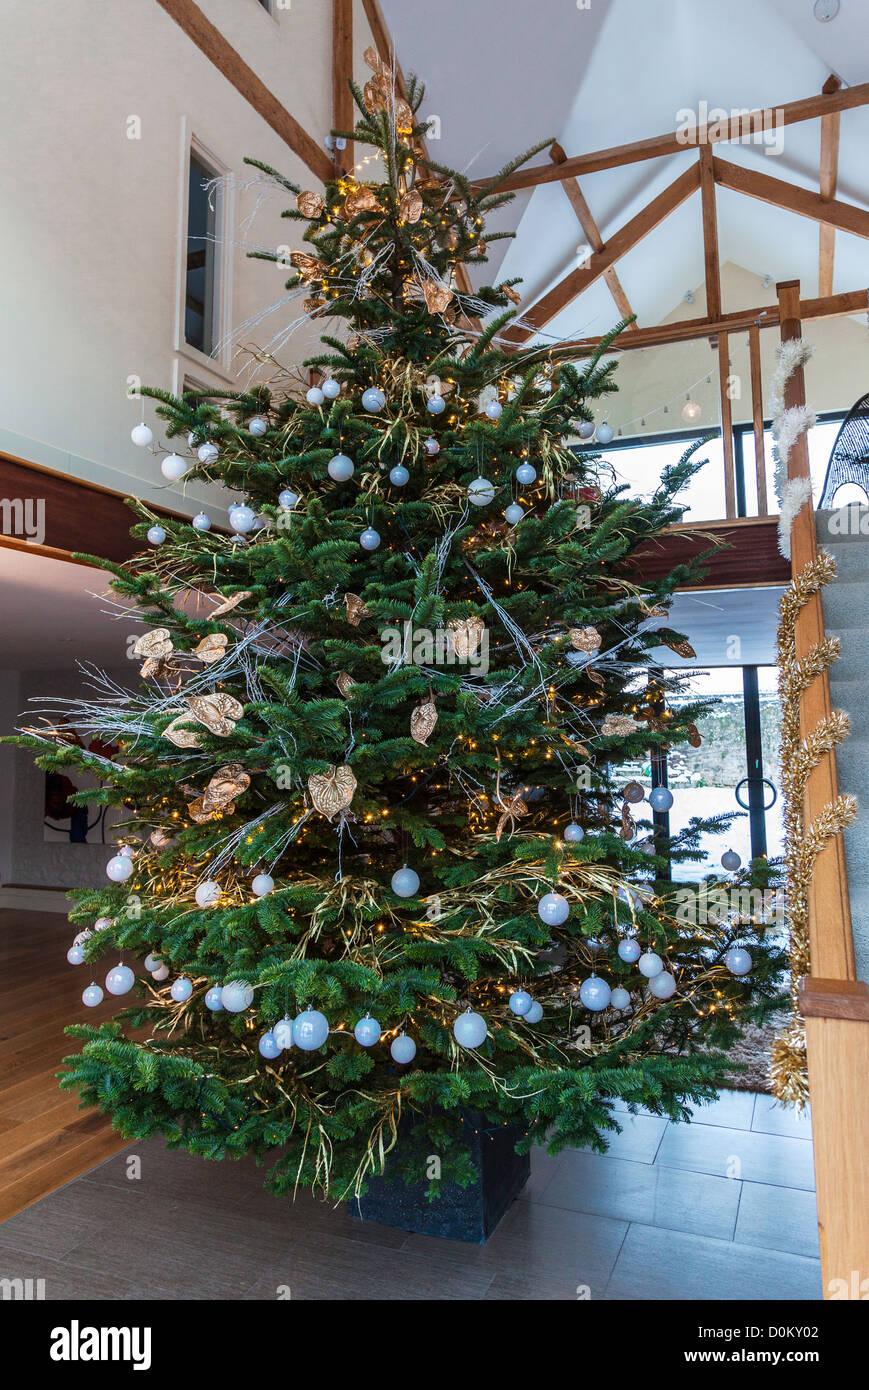 Weihnachtsbaum Modern Weihnachten 2019